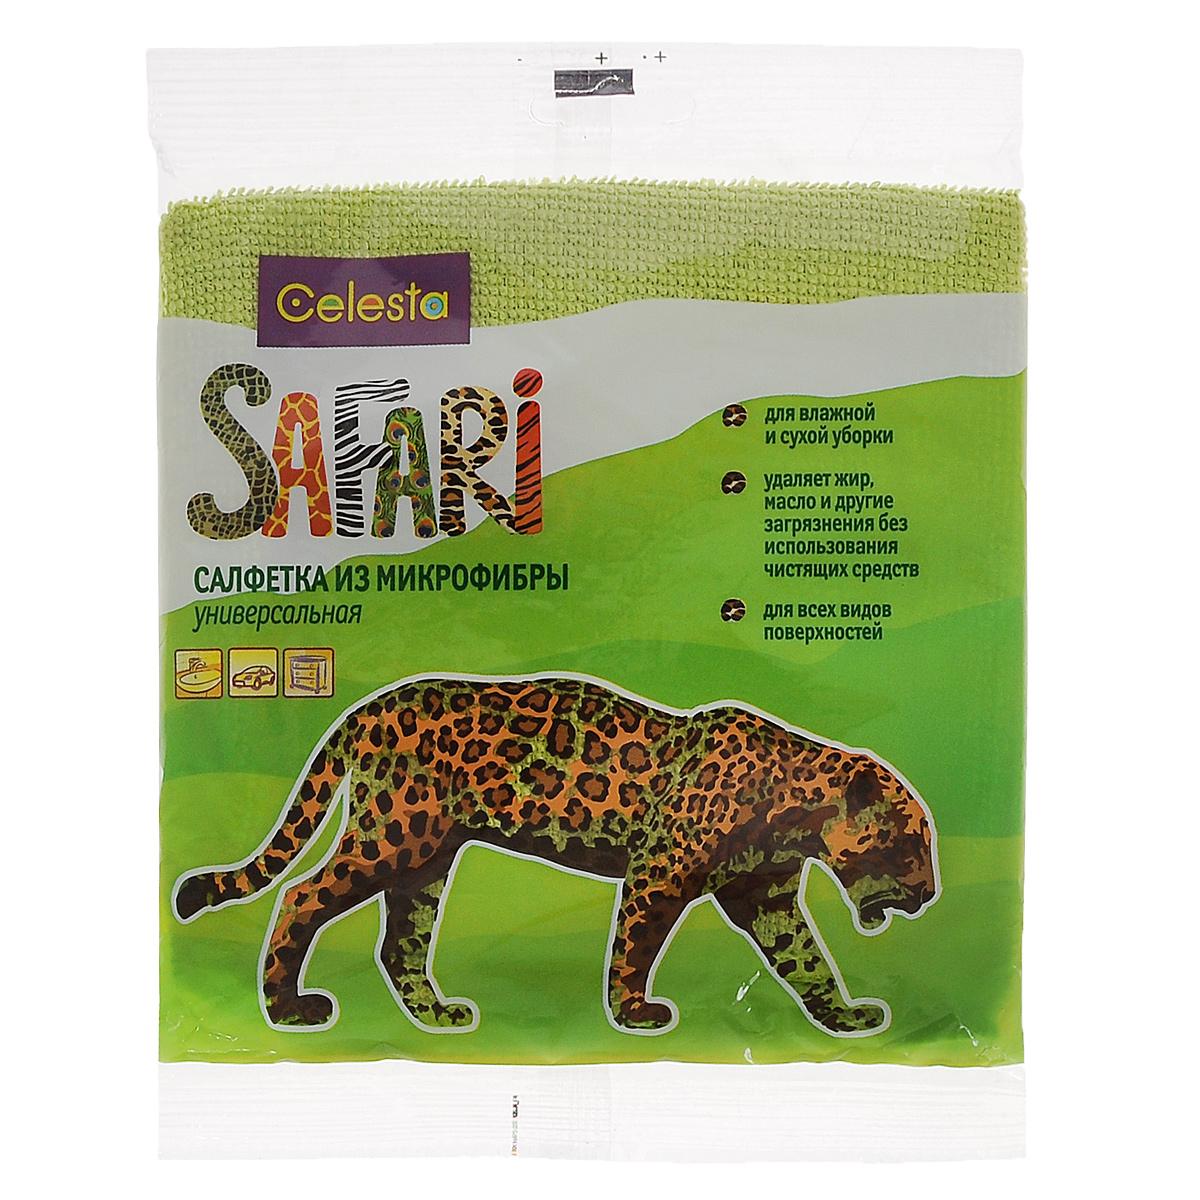 Салфетка универсальная Celesta Safari, из микрофибры, цвет: салатовый, 30 см х 30 см347 Т_салатовыйСалфетка Celesta Safari, изготовленная из микрофибры (70% полиэстера и 30% полиамида), предназначена для сухой и влажной уборки. Подходит для ухода за любыми поверхностями. Благодаря специальной структуре волокон справляется с загрязнениями без использования моющих средств. Не оставляет разводов и ворсинок. Обладает отличными впитывающими свойствами.